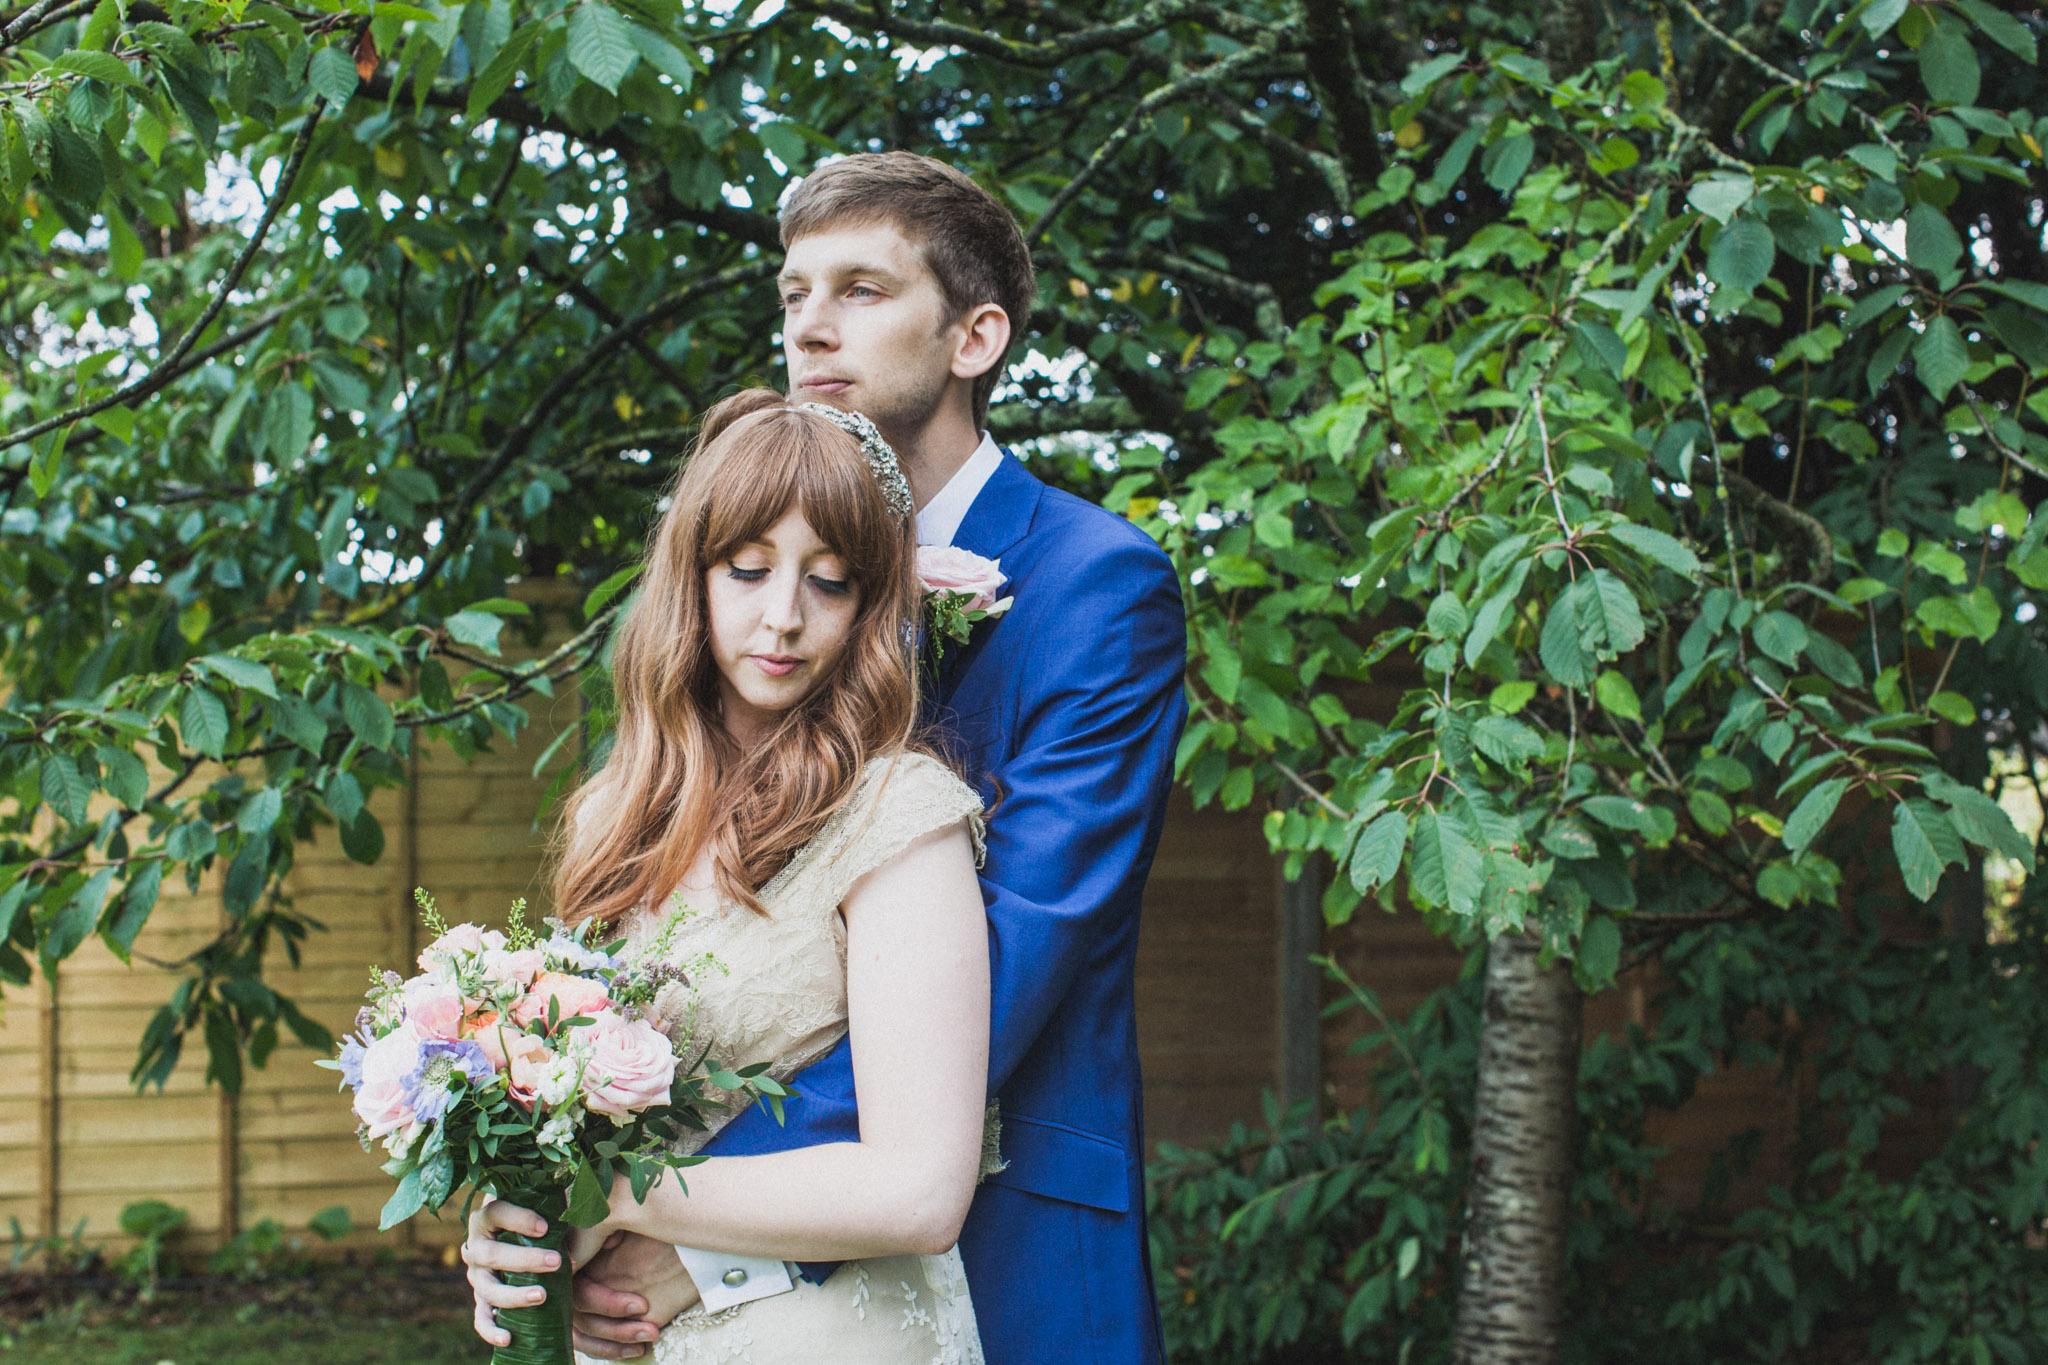 lewes_wedding_photographer_0066.jpg